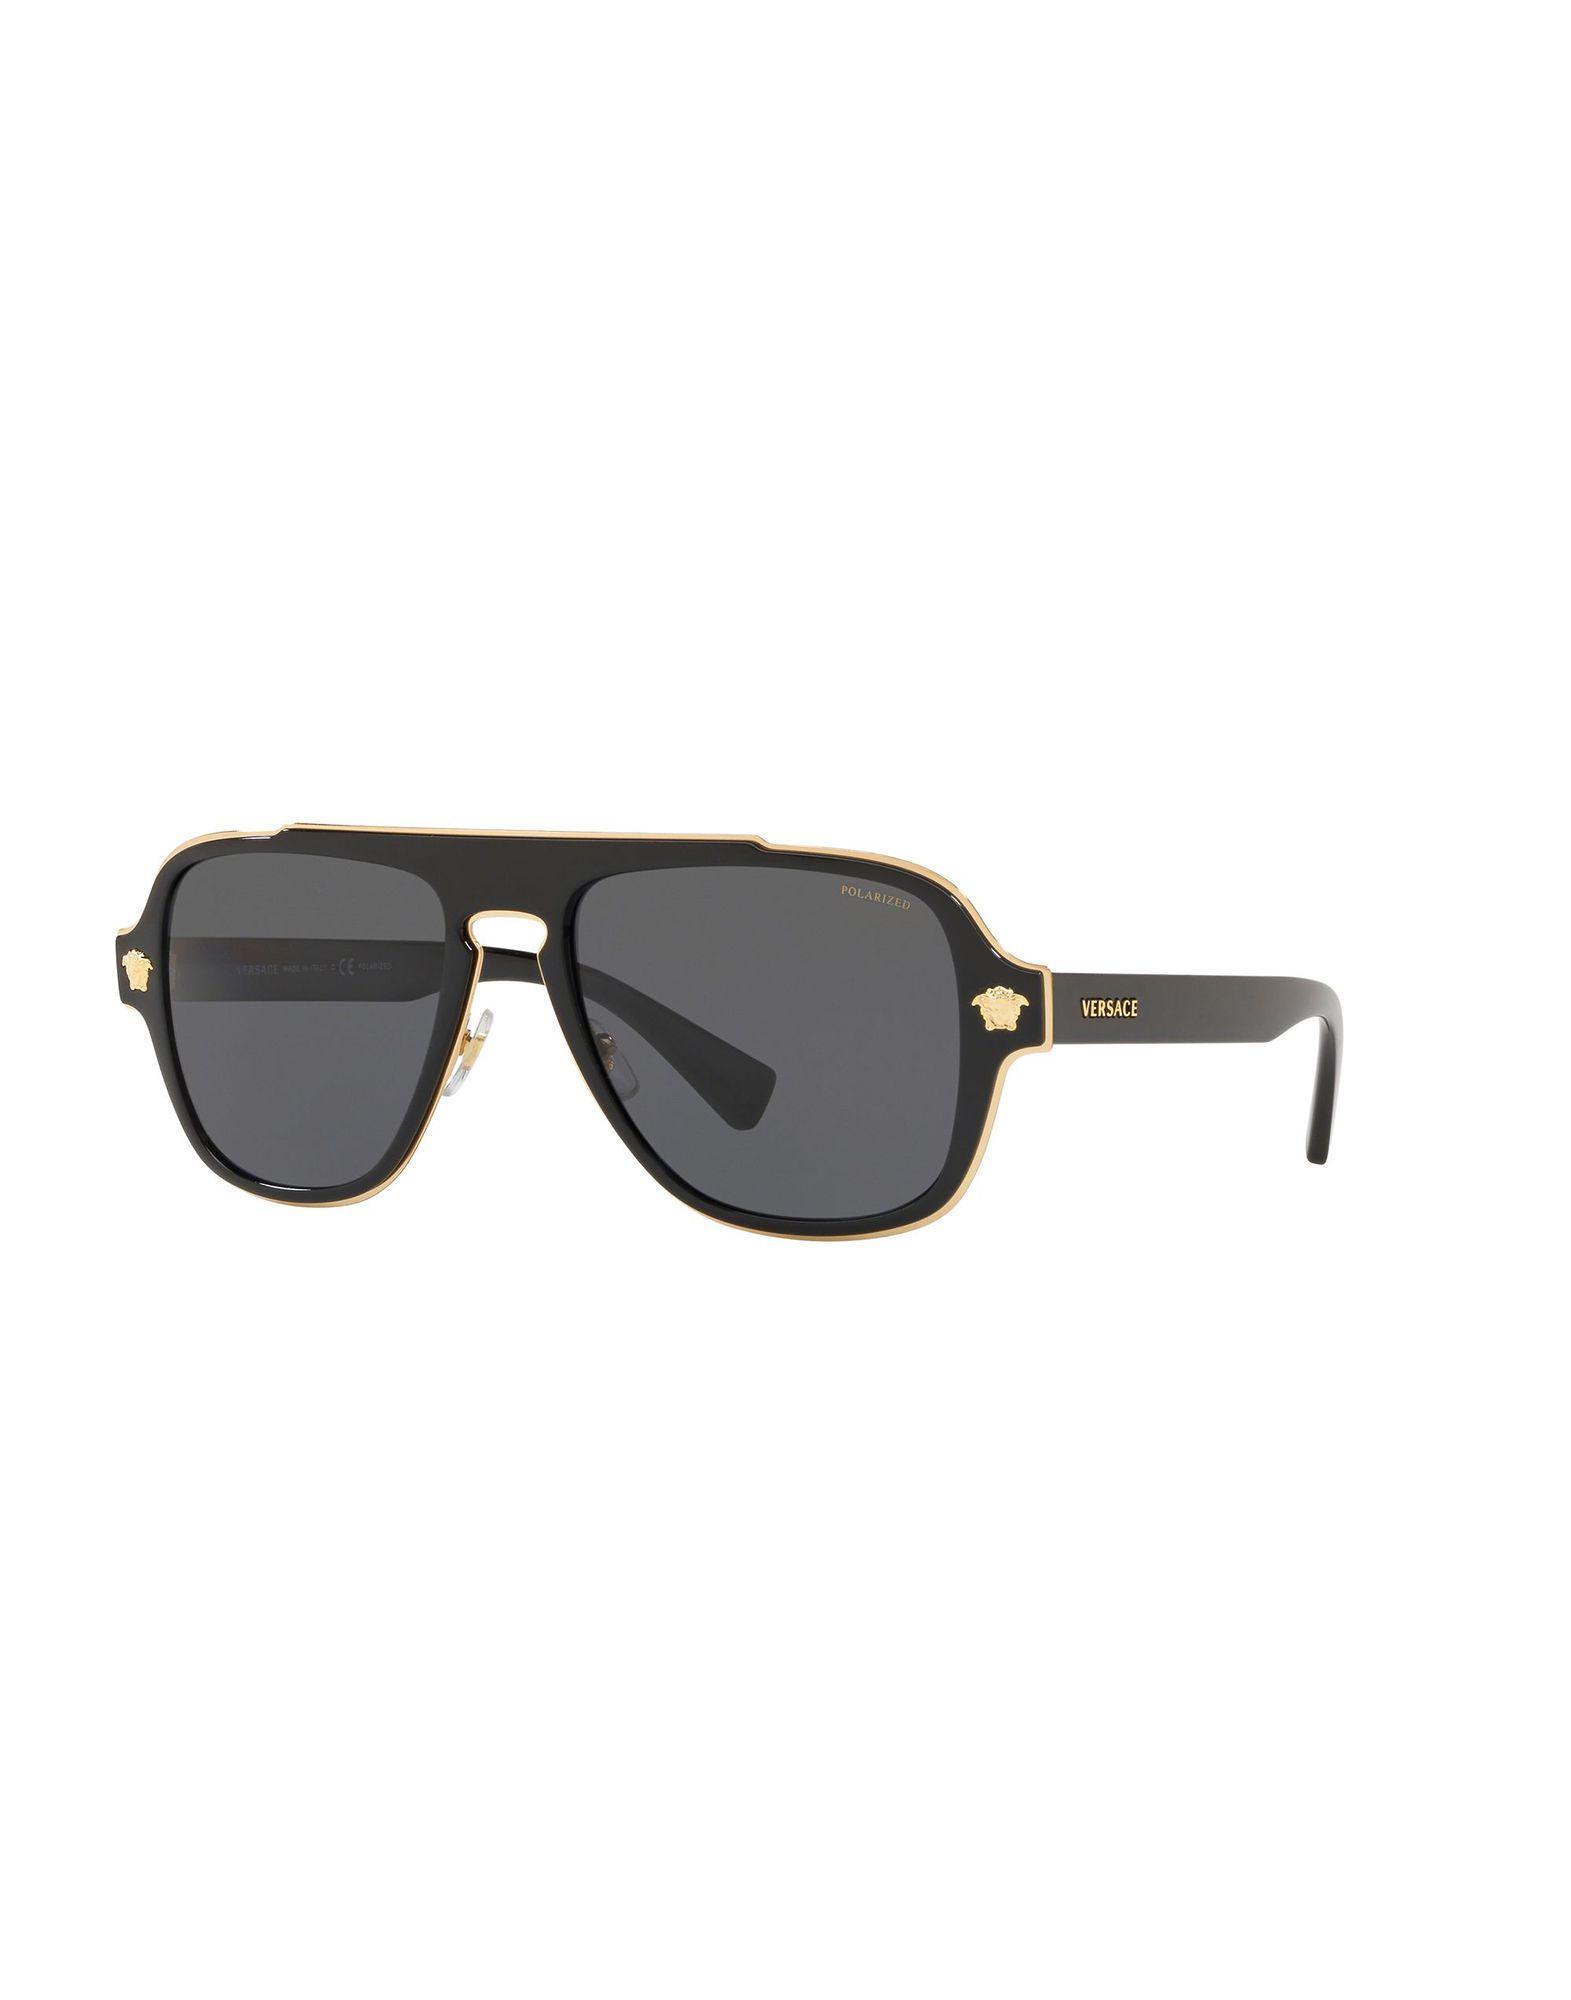 3d2d231768 Gafas de sol - Accesorios | Buyviu.com